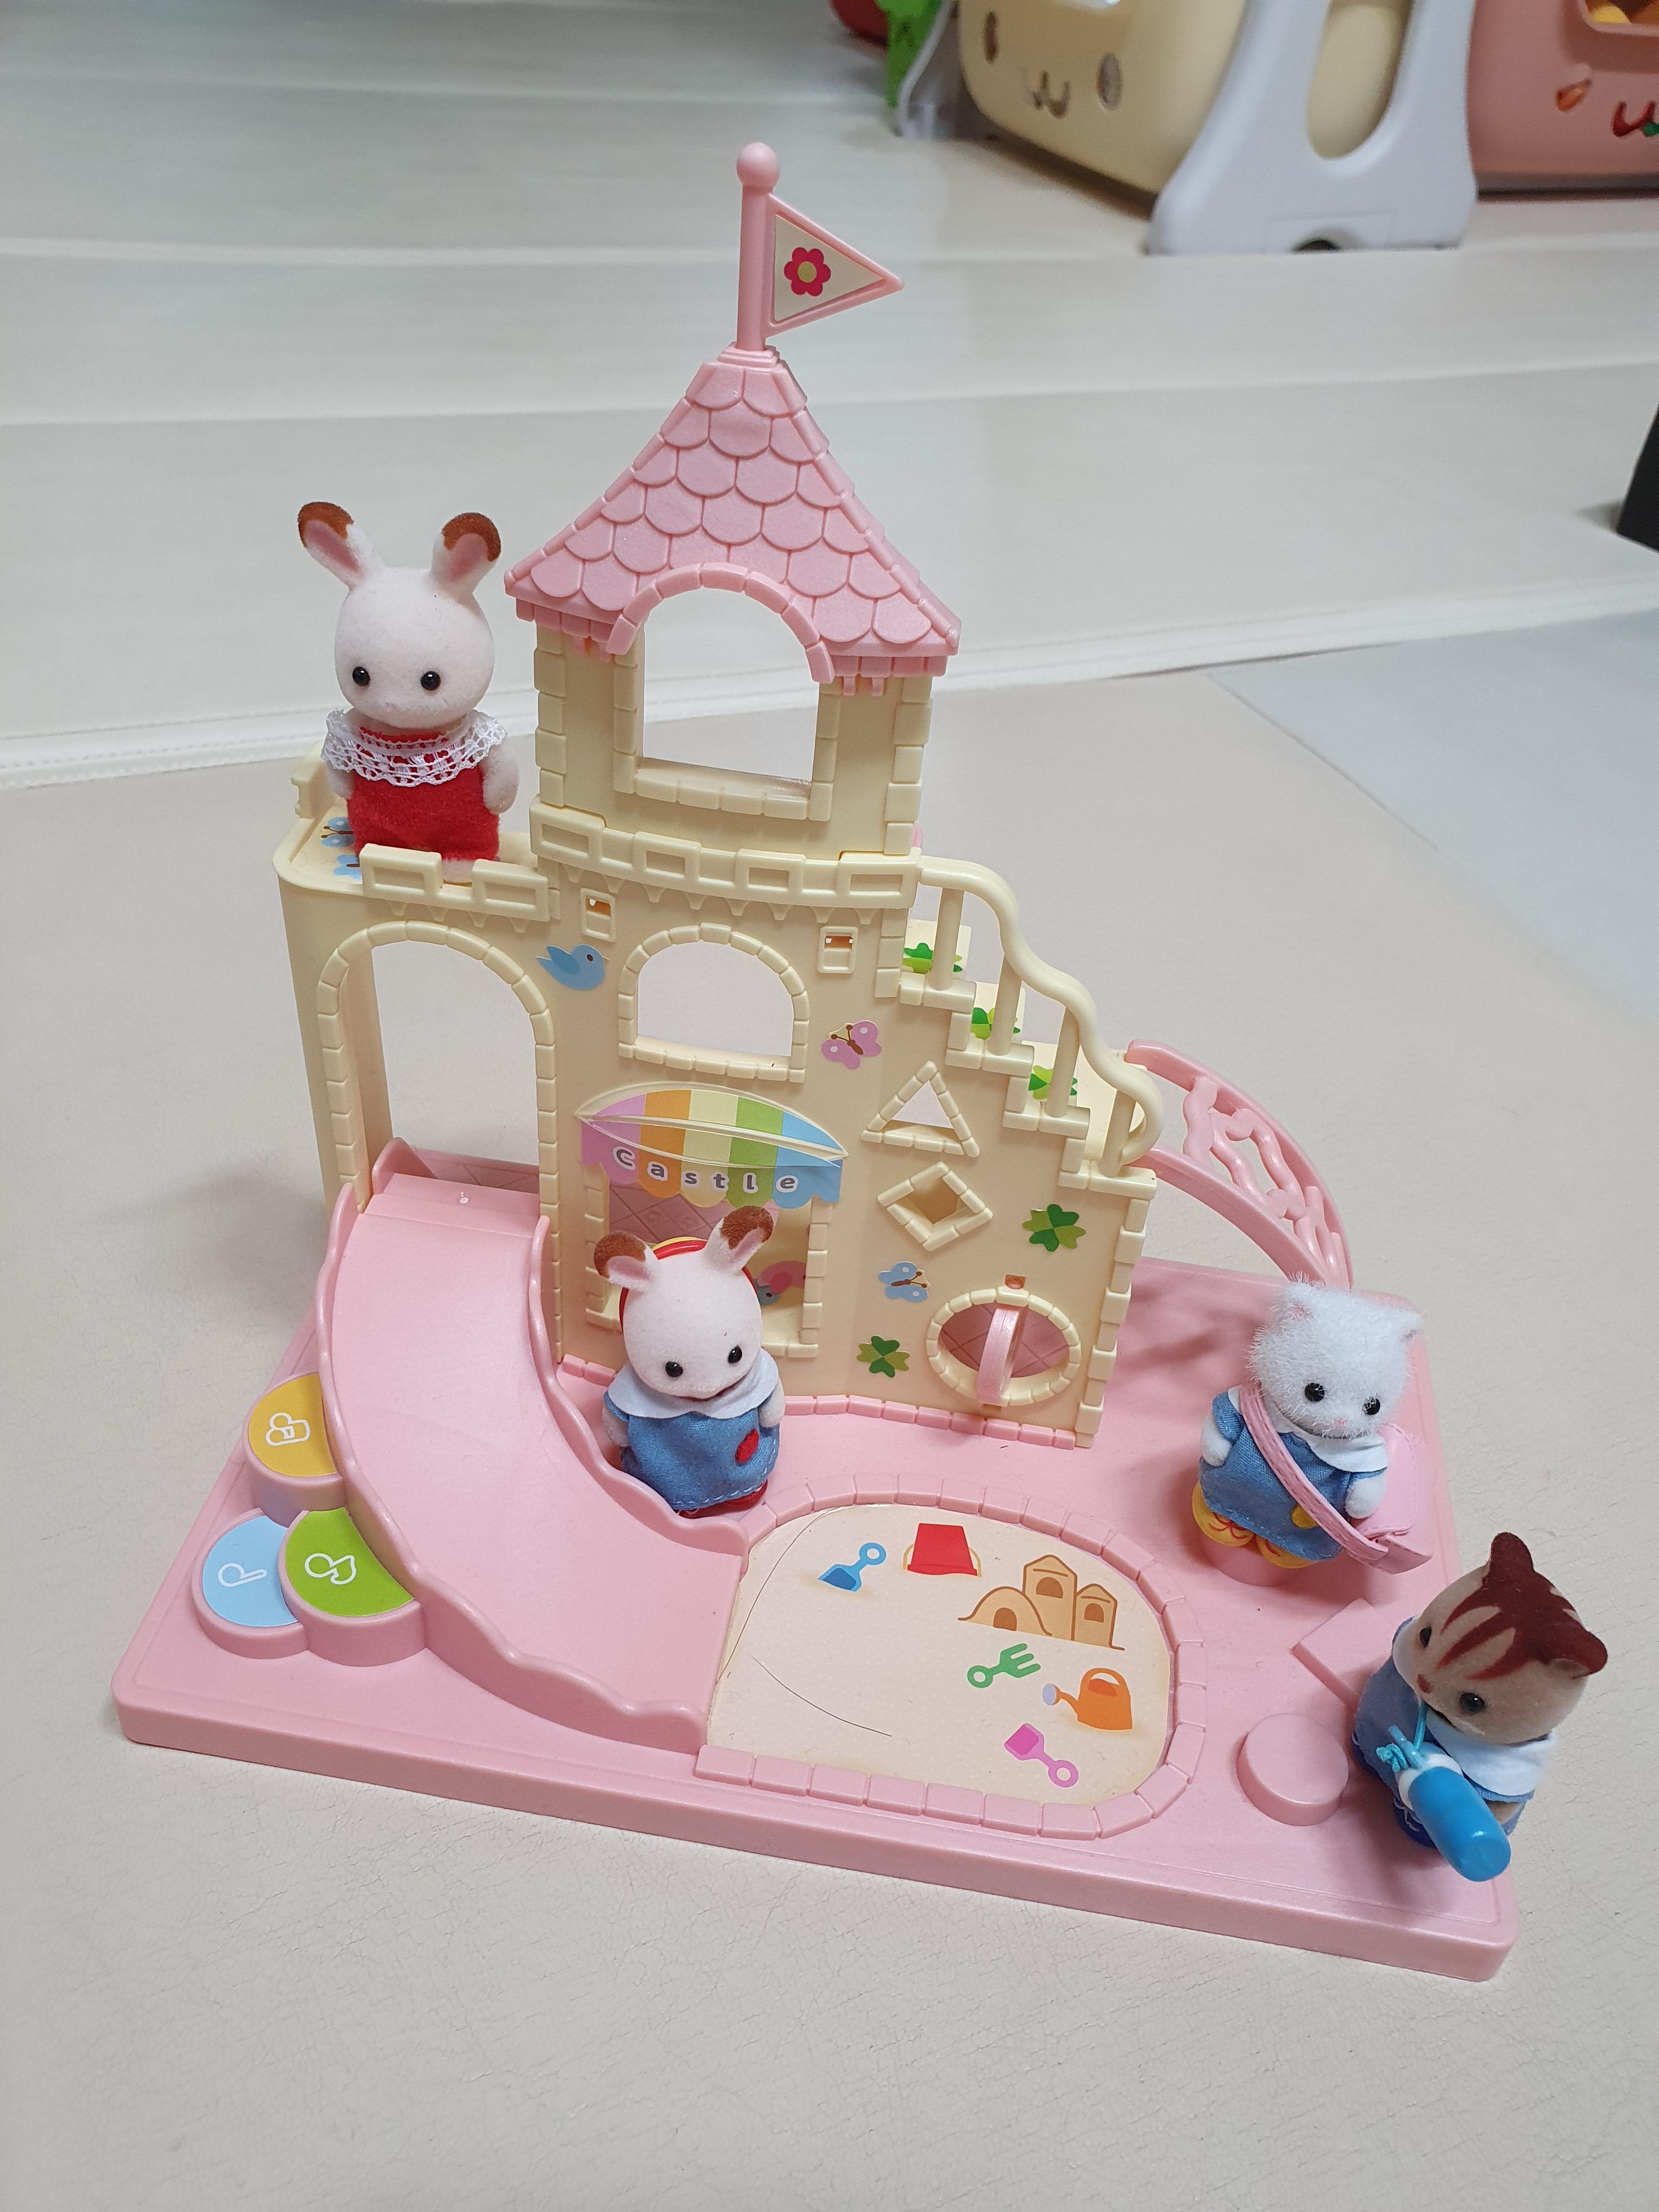 (어린이날 선물) 실바니안 패밀리, 유치원 캐슬 유치원과 유치원 프렌즈